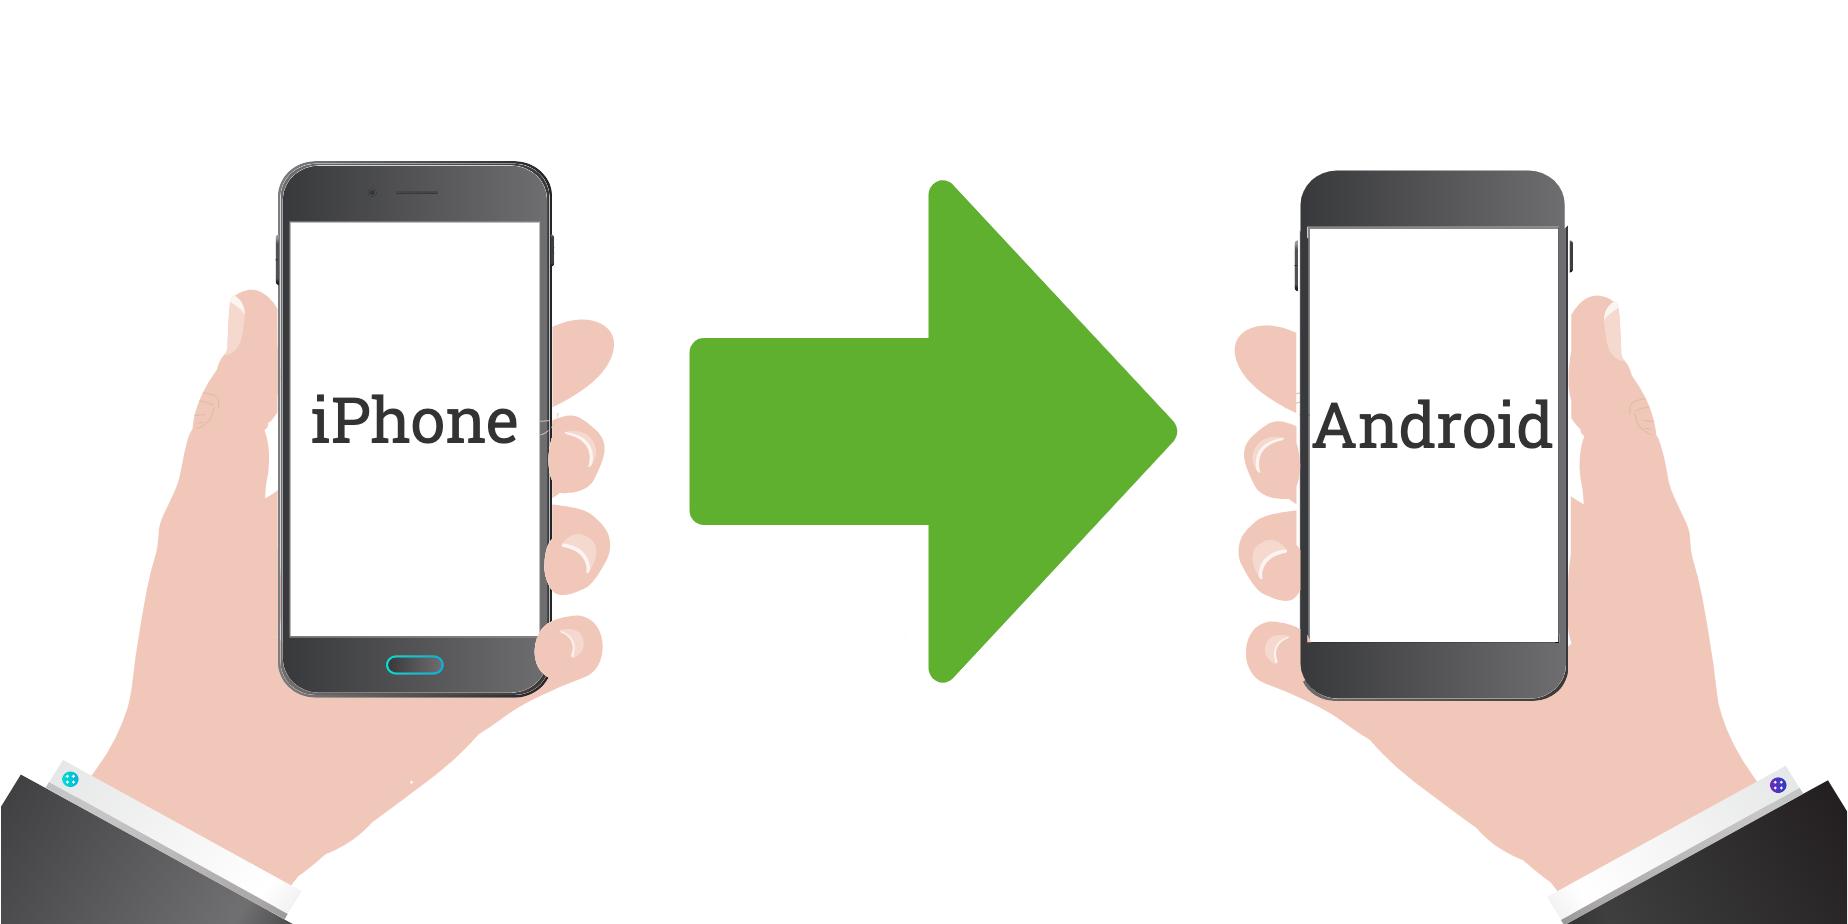 iPhoneからAndroidへのデータ移行